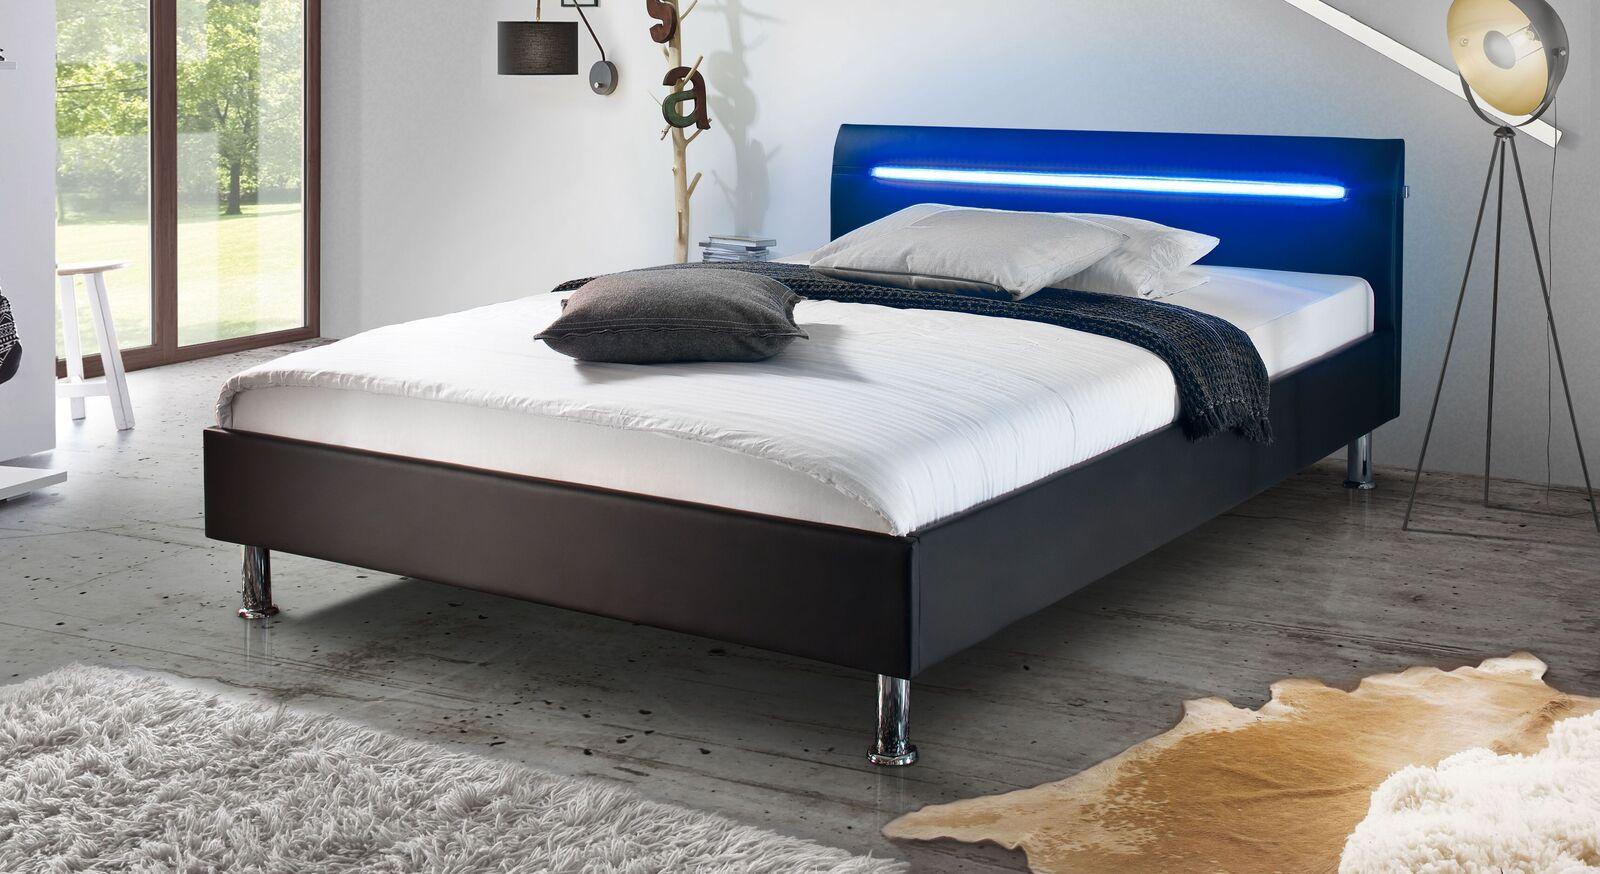 Bett Barda mit schwarzem Bezugsstoff